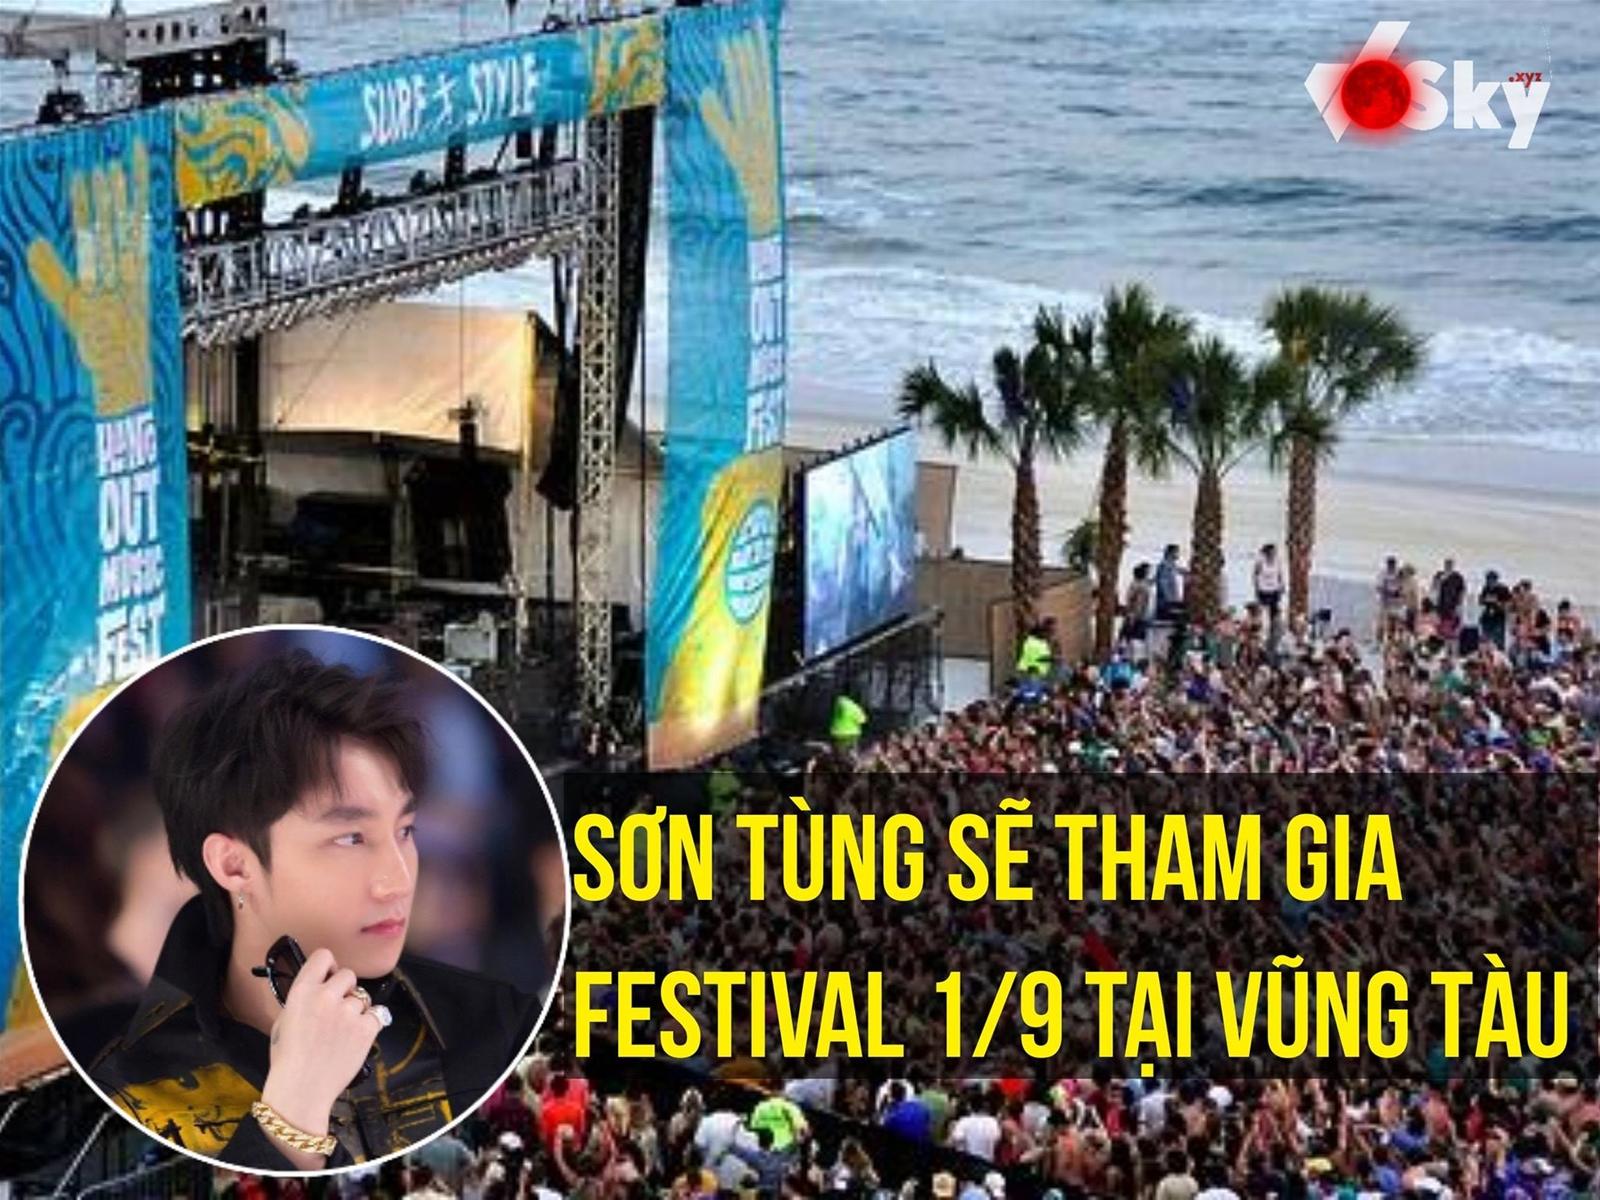 Nghỉ lễ 2/9 lập kèo quẩy Festival biển Bà Rịa - Vũng Tàu hoành tráng nhất 2018 - 9